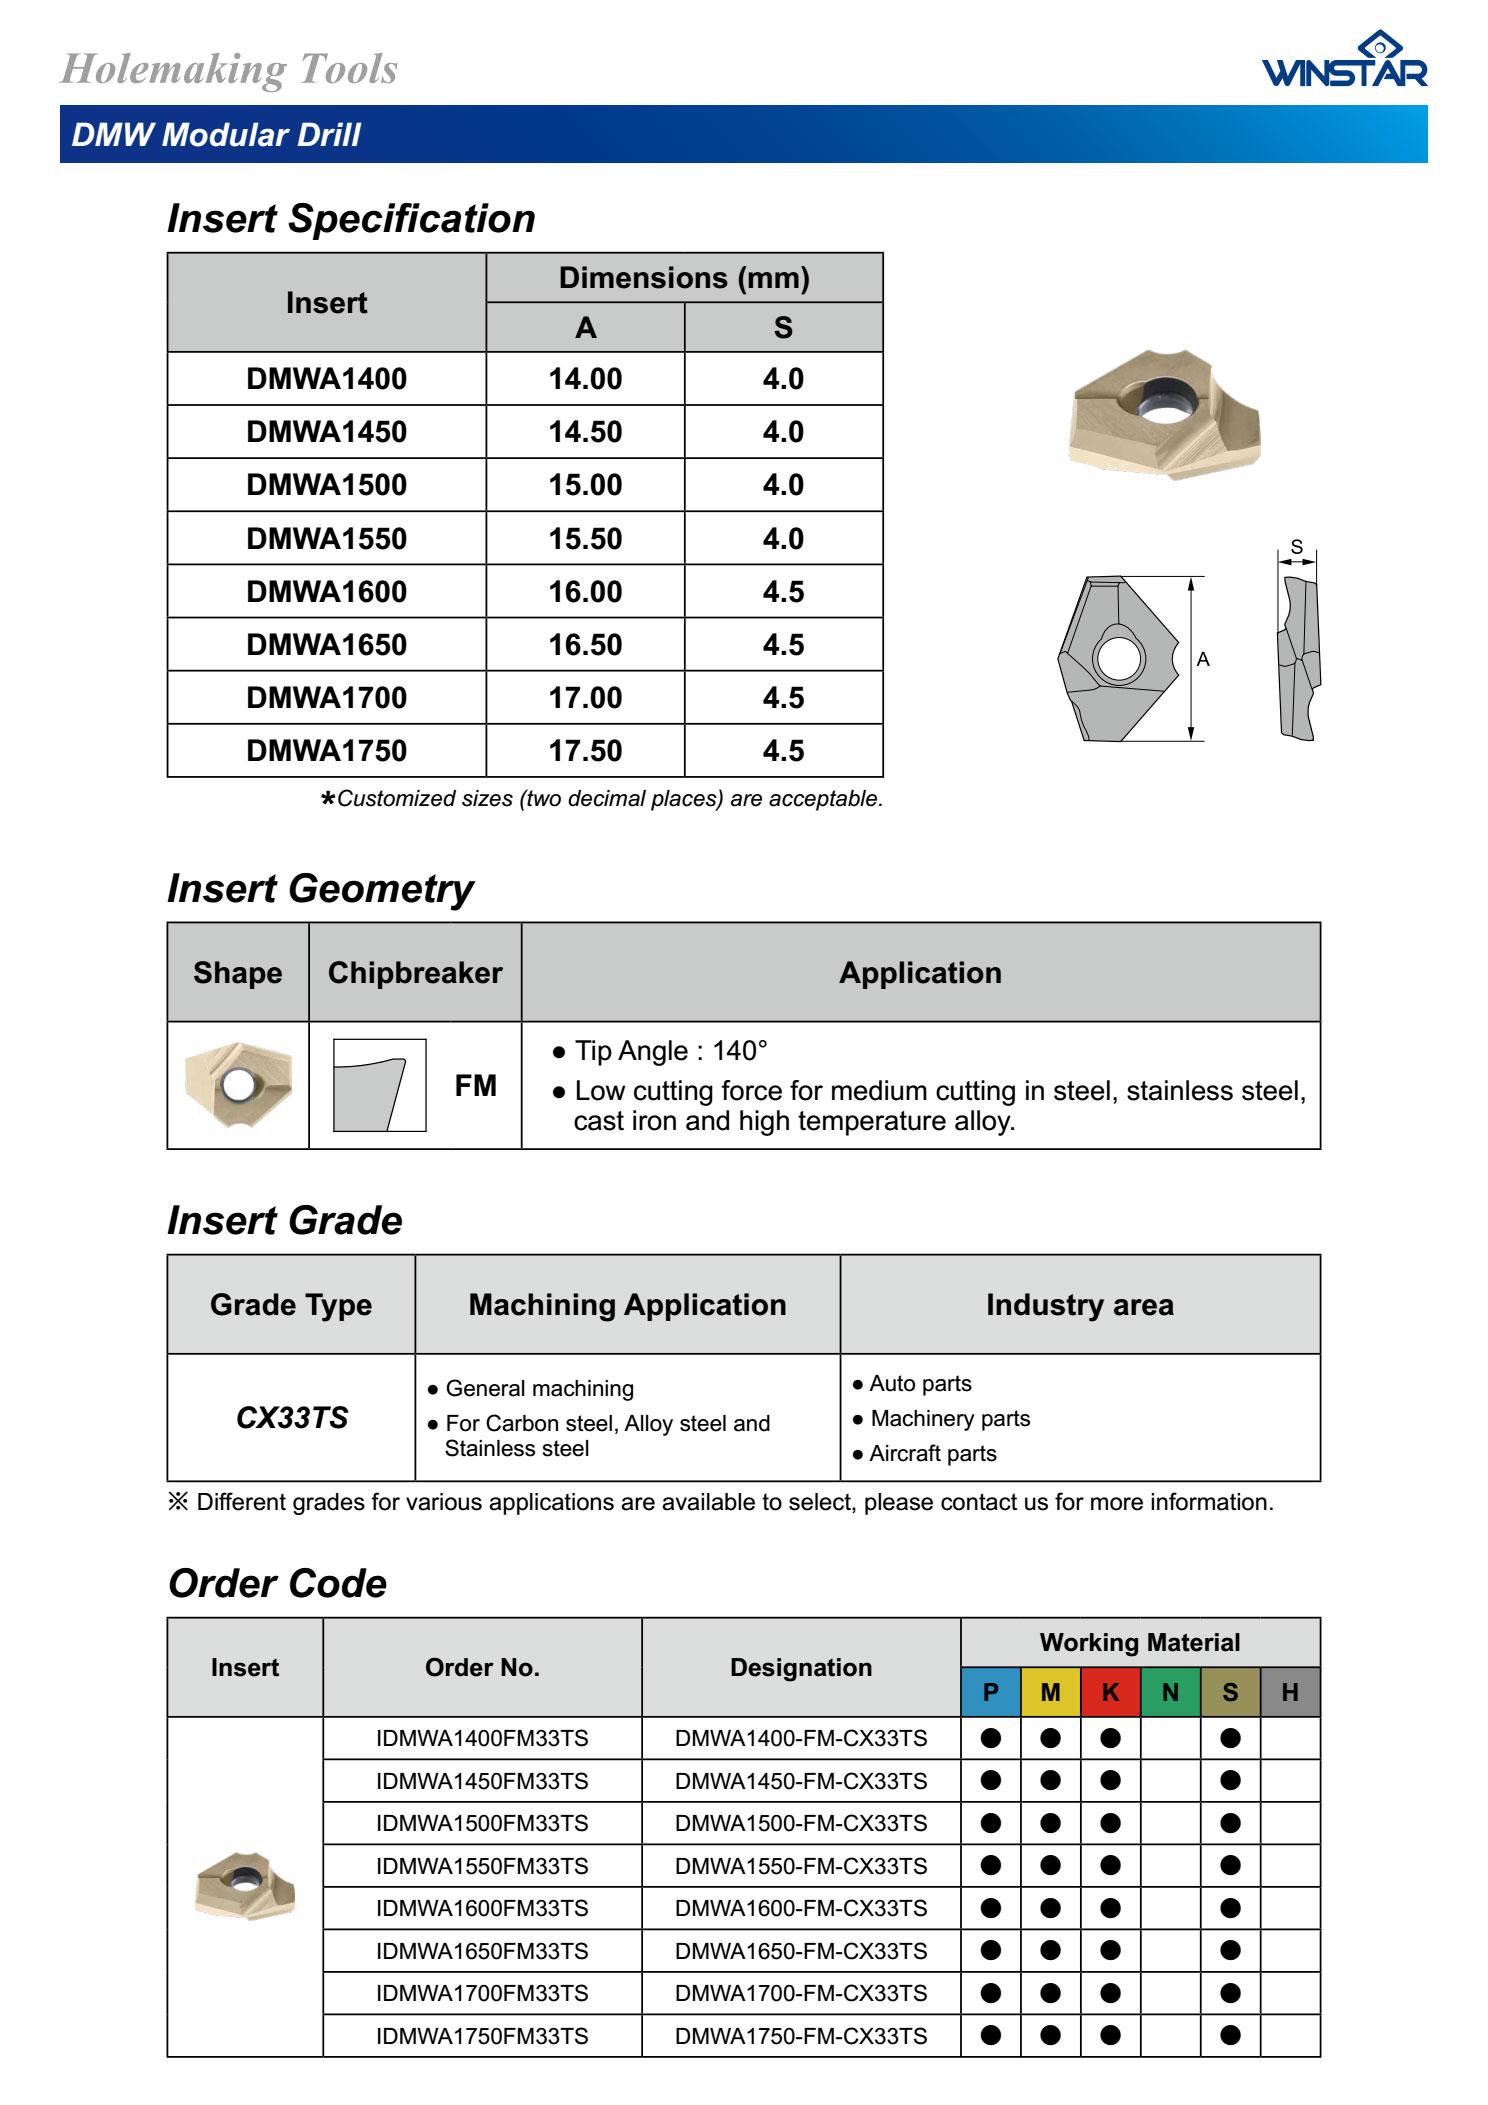 Mũi Khoan Gắn Mảnh Spotting Drill Mũi Khoan Gắn Mảnh Winstar DMW Modular Drills 2Winstar DTS60 2